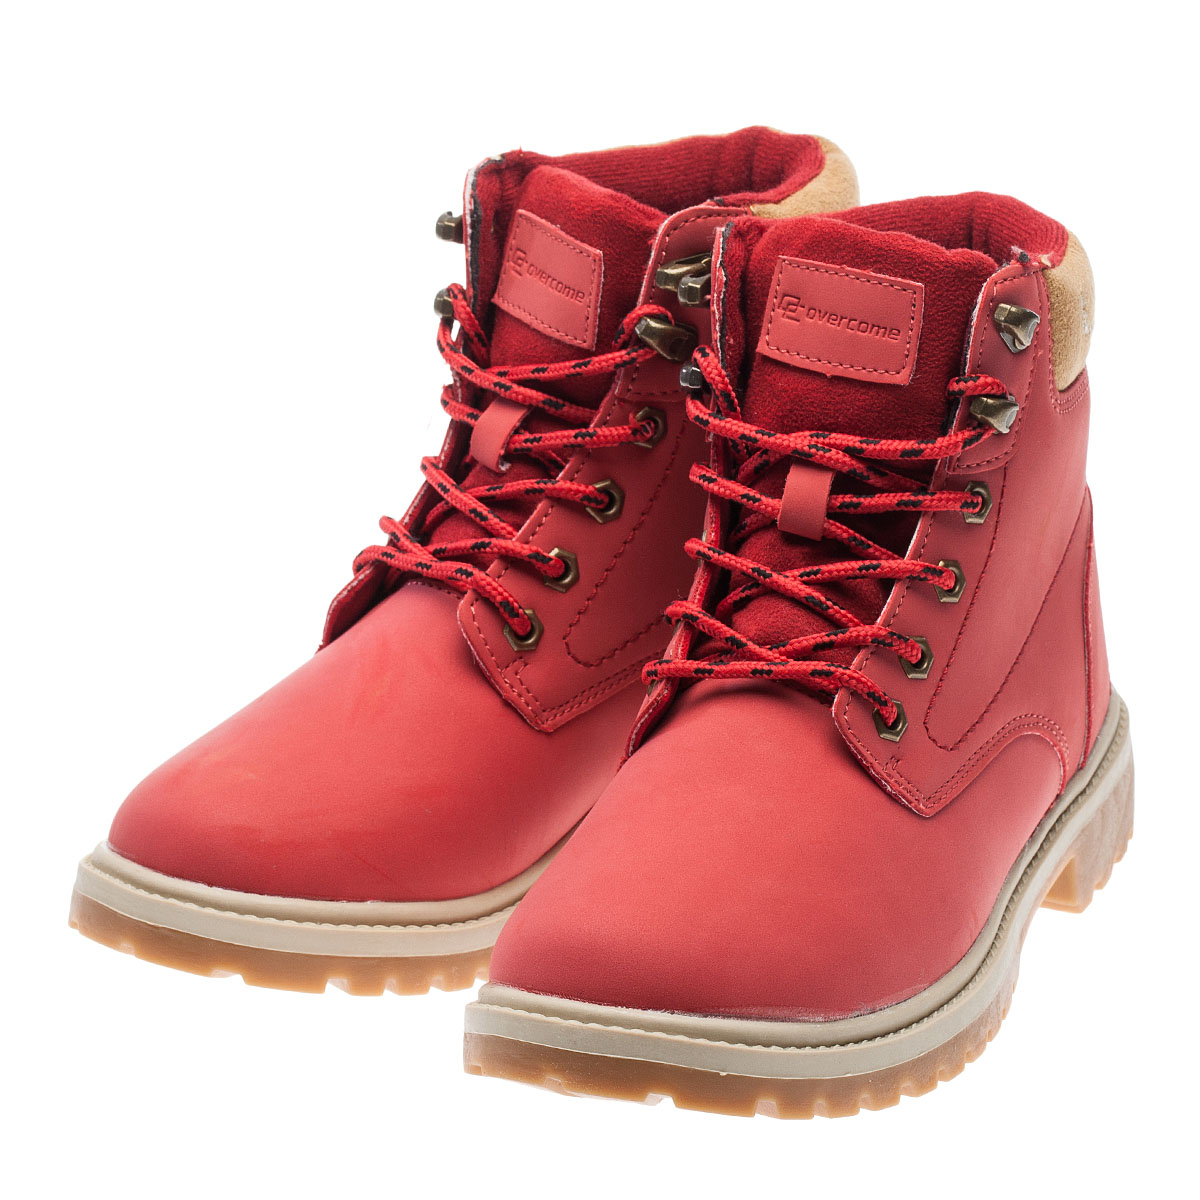 Ботинки зимние Overcome, HSL 17402